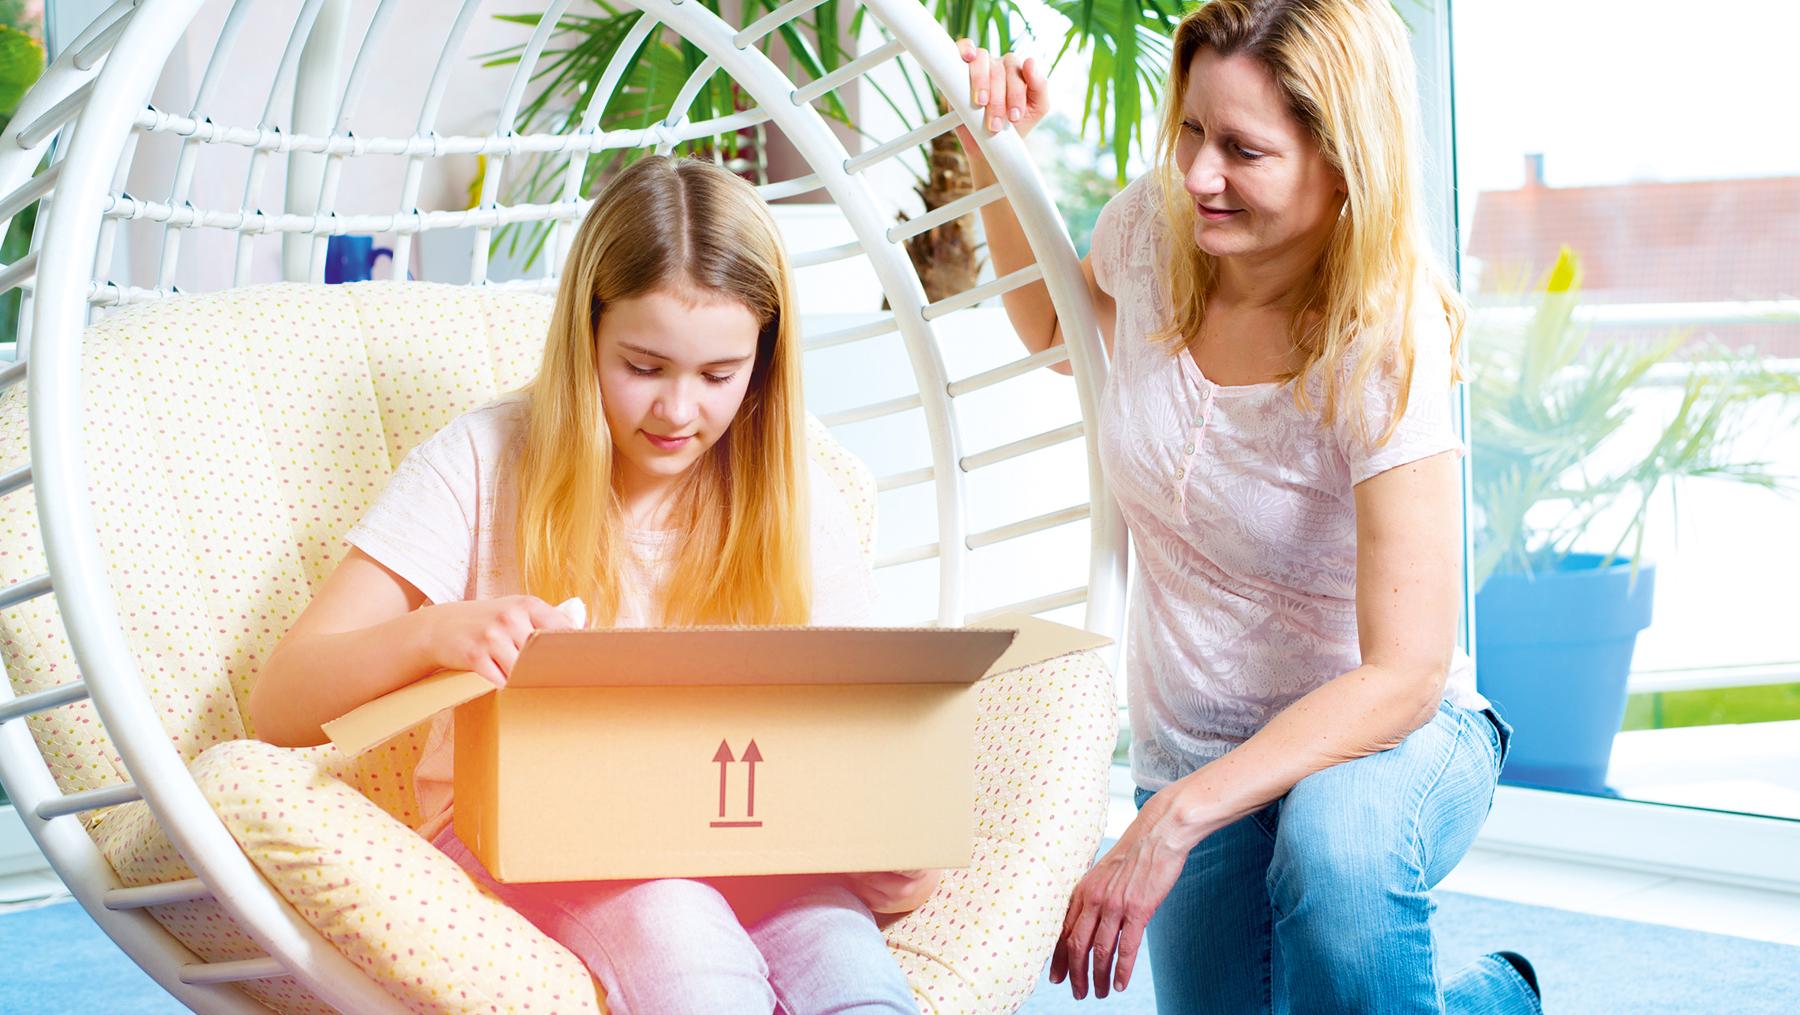 Ab wann darf mein Kind alleine Rechtsgeschäfte tätigen?